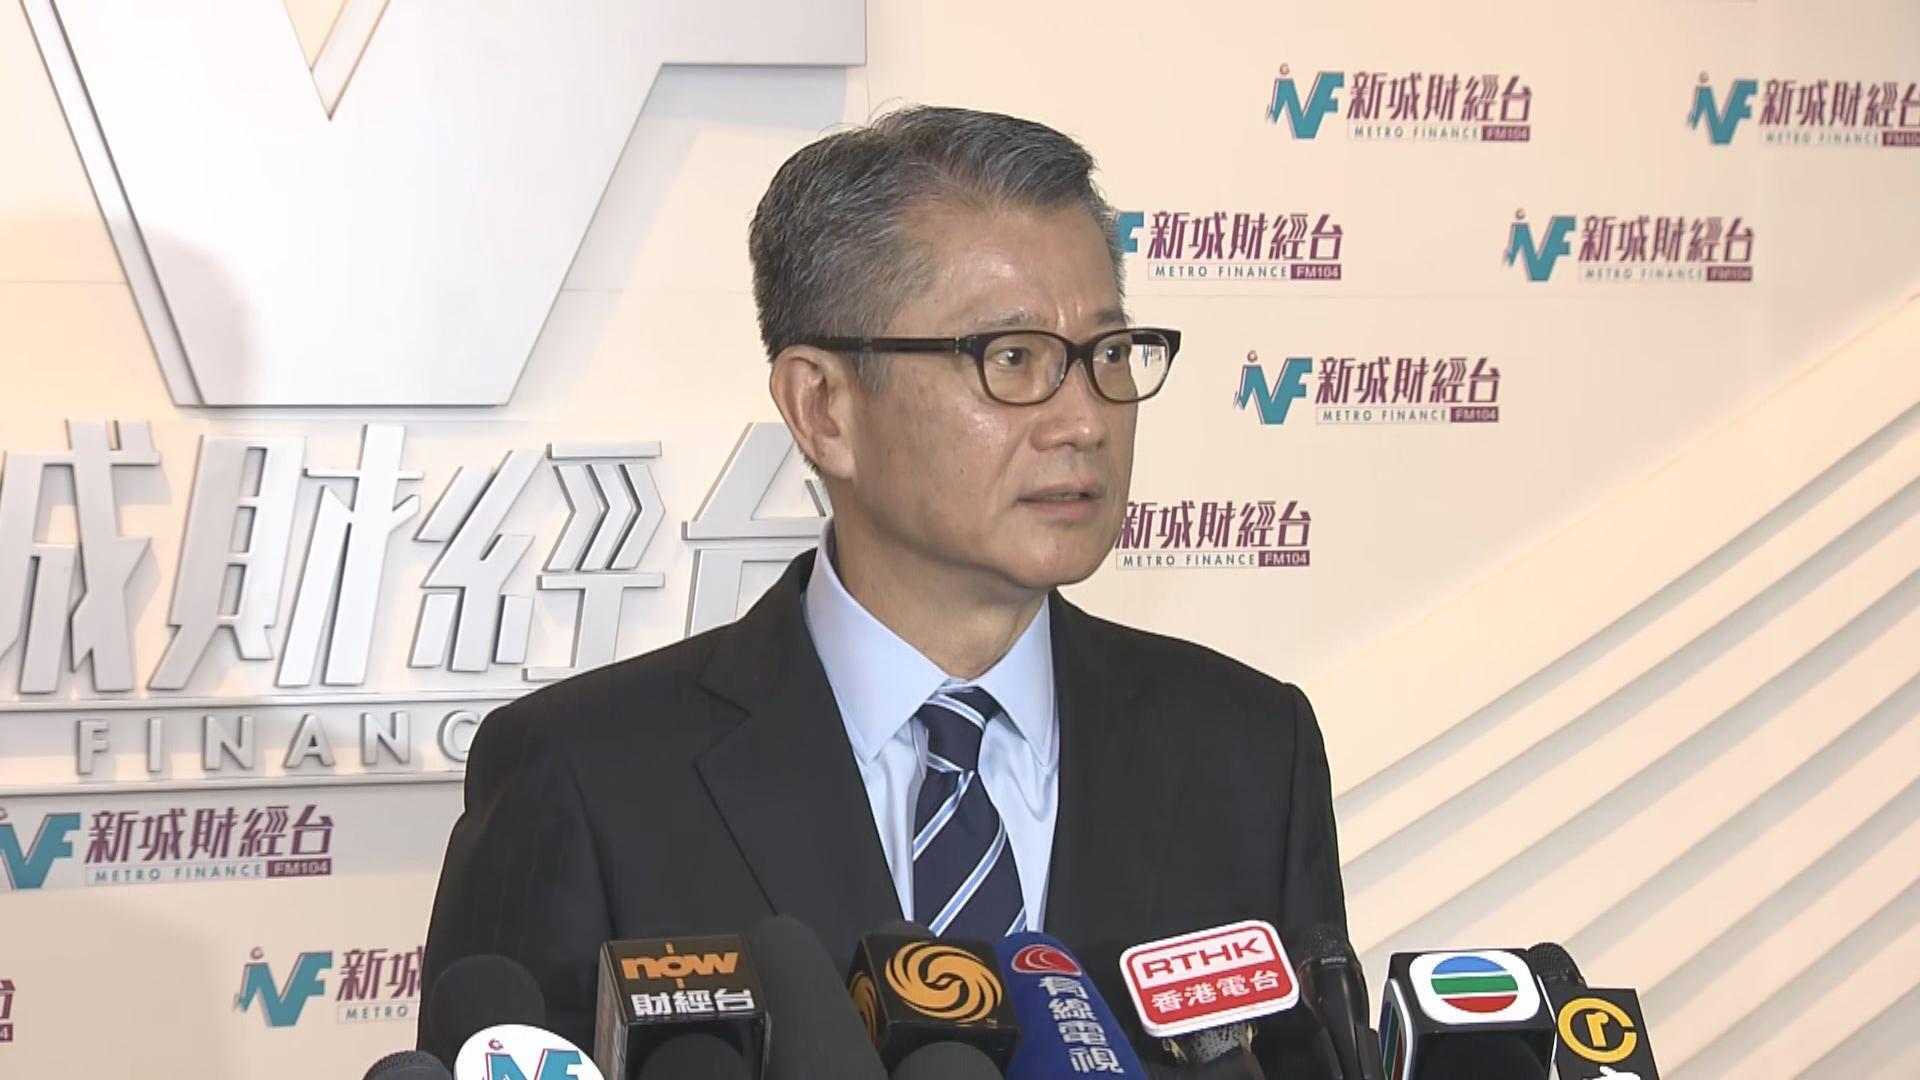 陳茂波:上周訪港旅客按年減少近40%